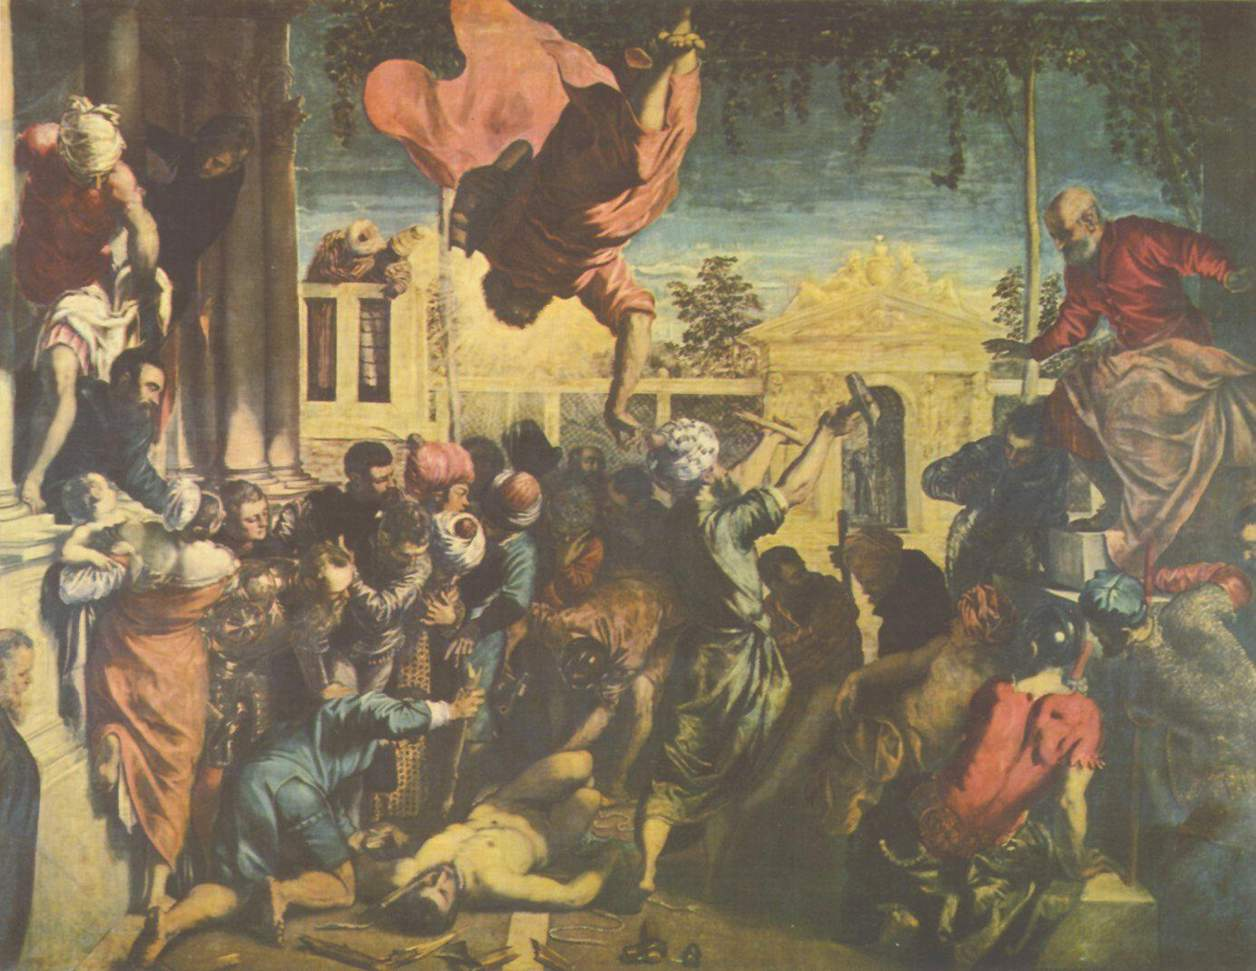 Il miracolo di san Marco che libera lo schiavo -1548 -Tintoretto